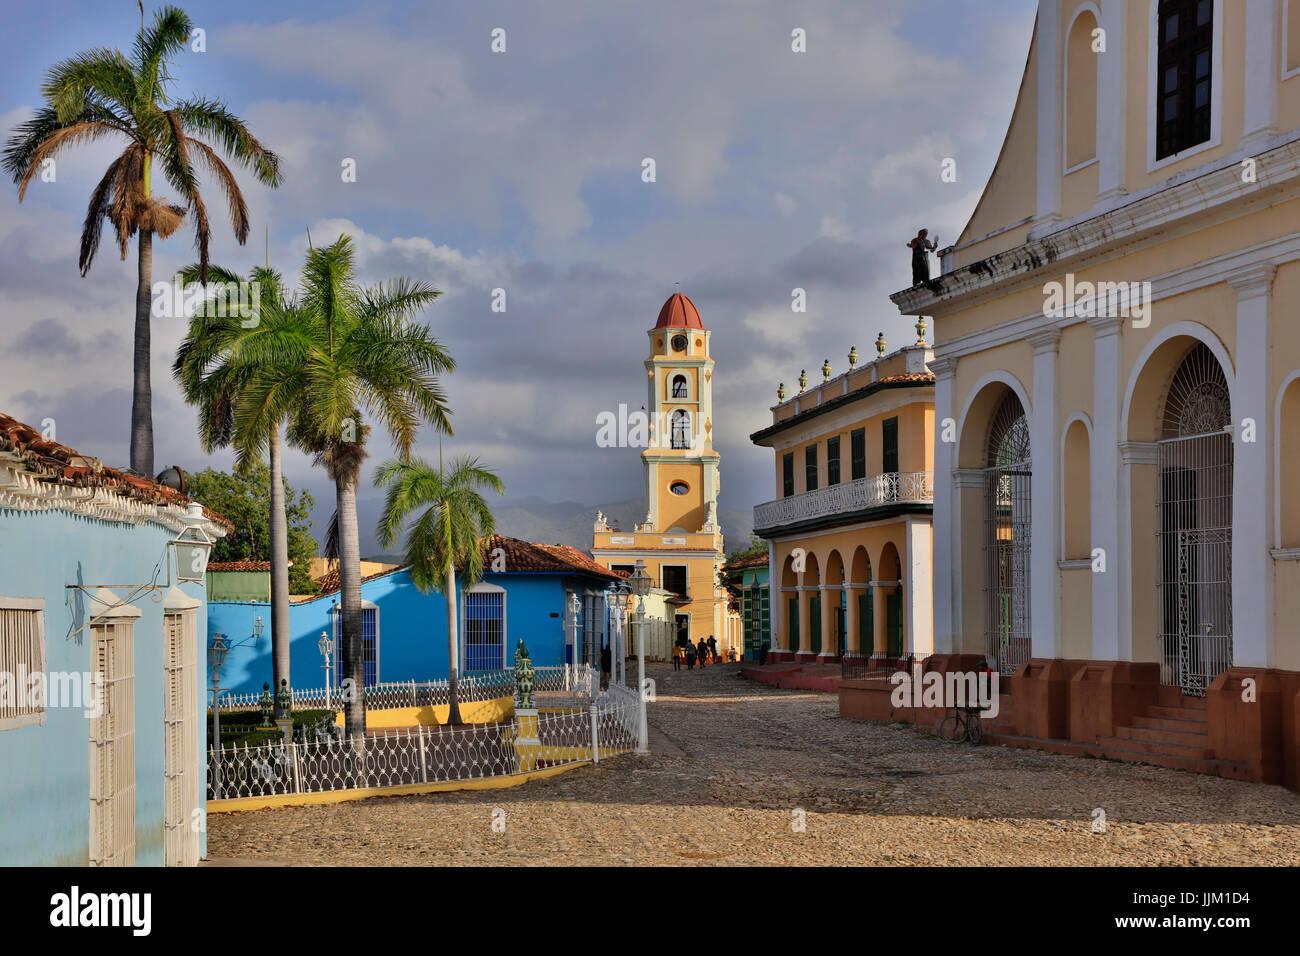 Le clocher du Museo Nacional de la Lucha Contra Bandidos de la PLAZA MAYOR - Trinidad, Cuba Photo Stock